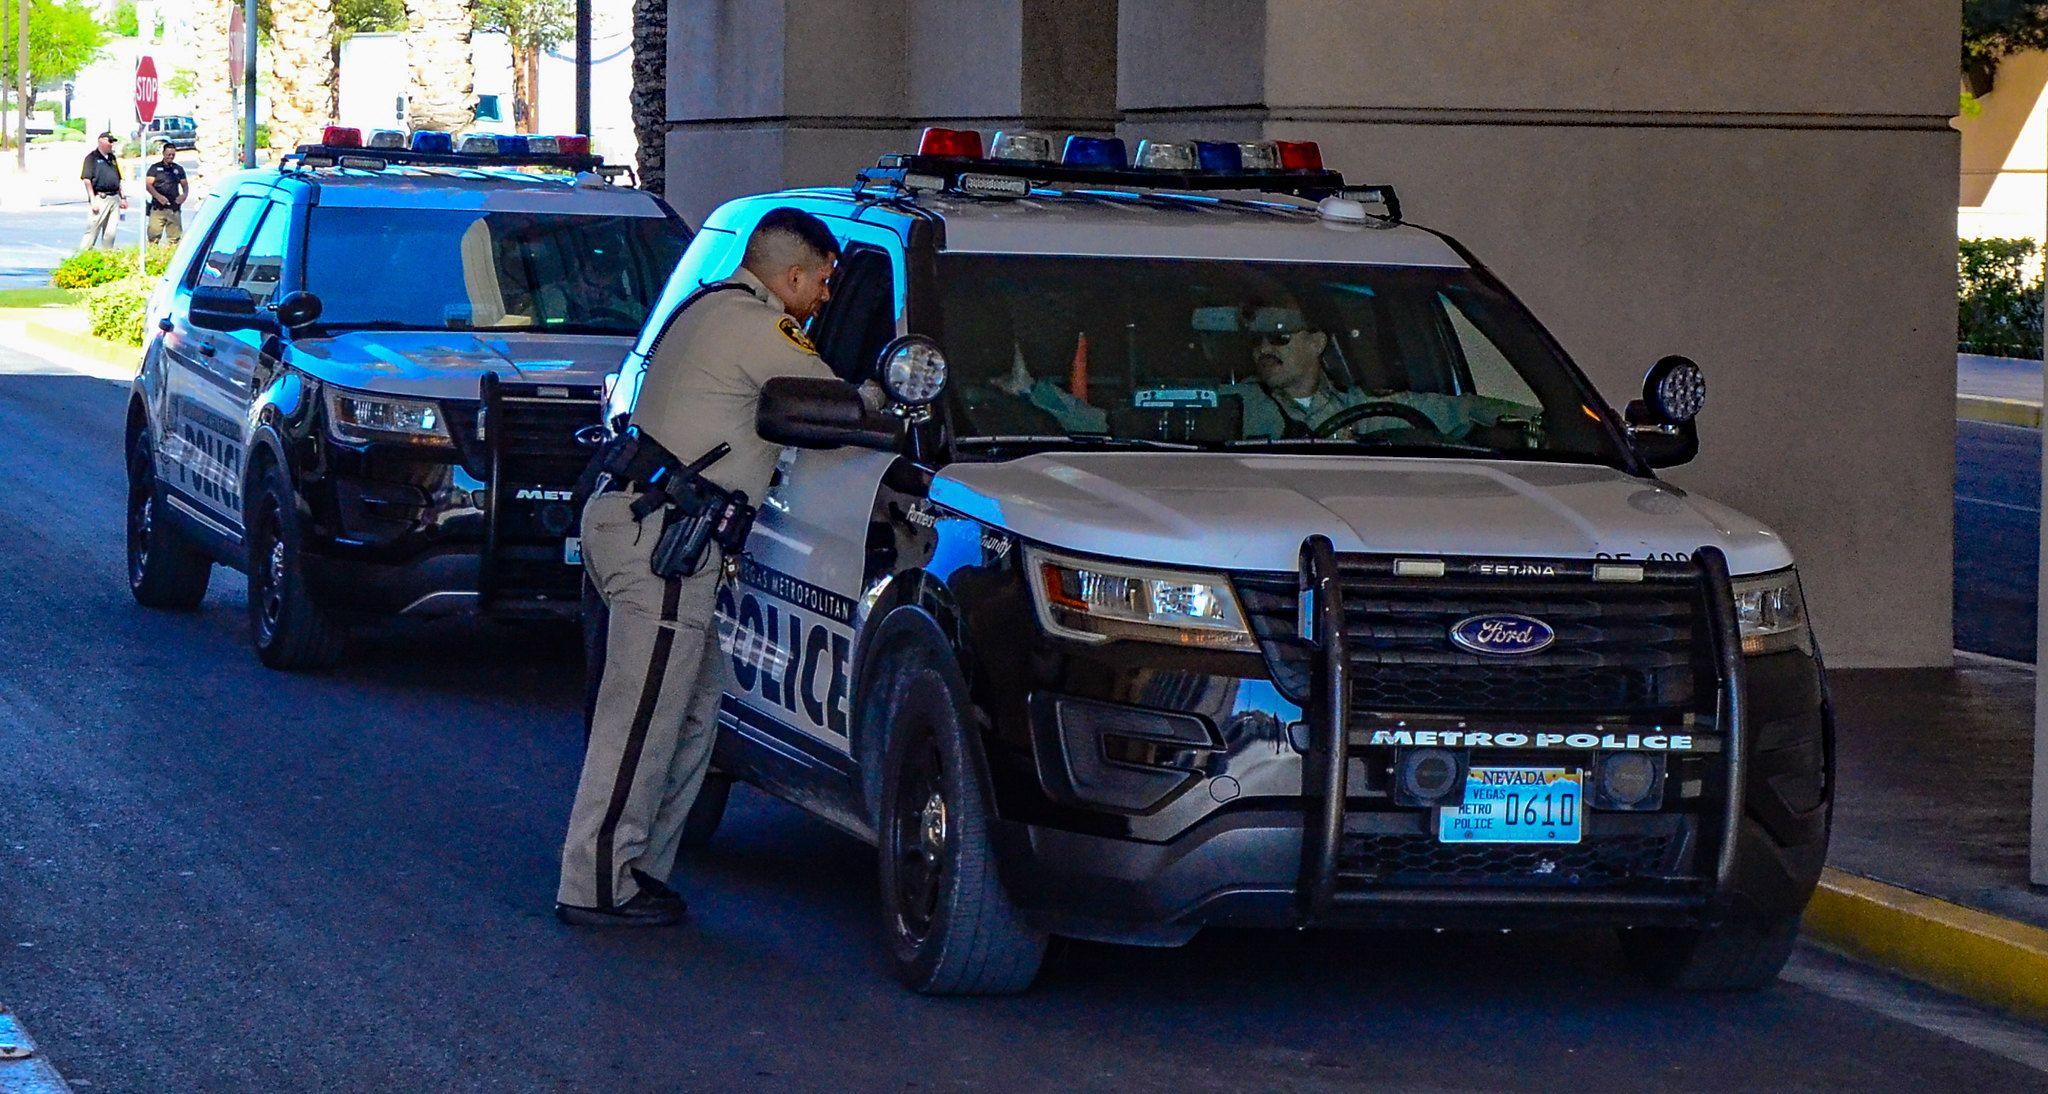 las vegas metropolitan police viva las vegas rockabilly rockabilly cars police cars las vegas metropolitan police viva